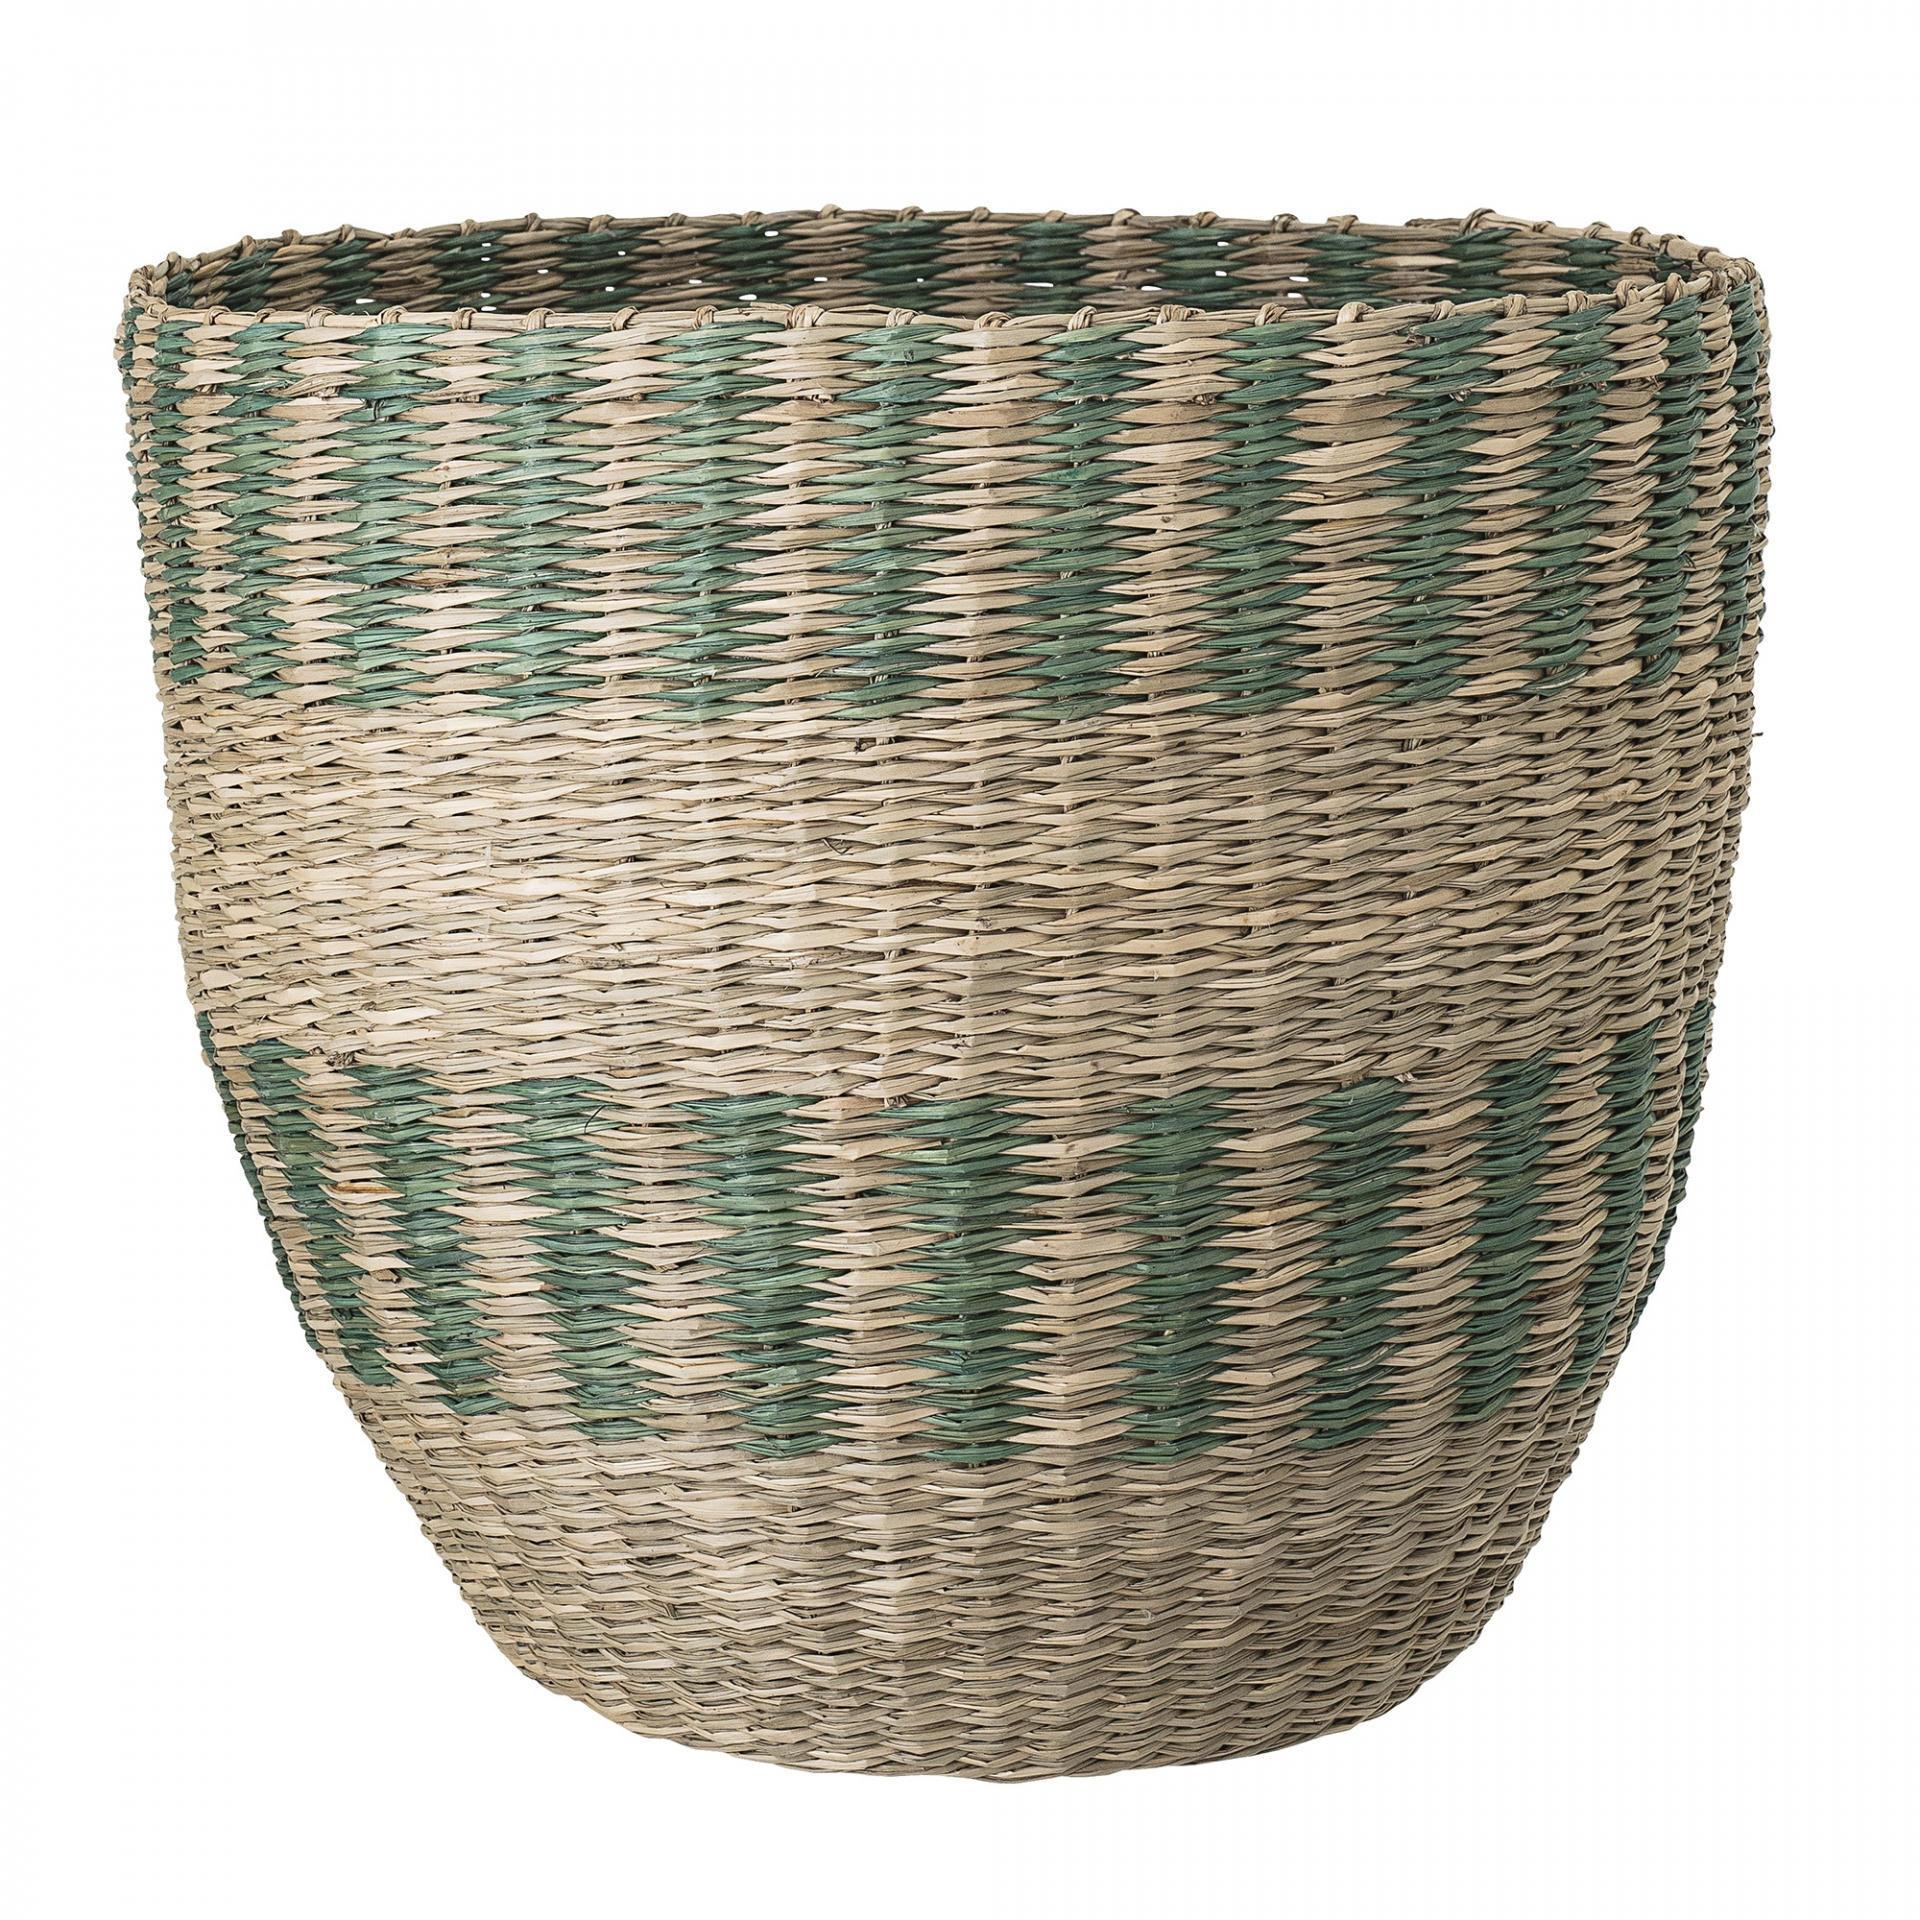 Bloomingville Úložný koš z mořské trávy Nature/Green, zelená barva, přírodní barva, proutí